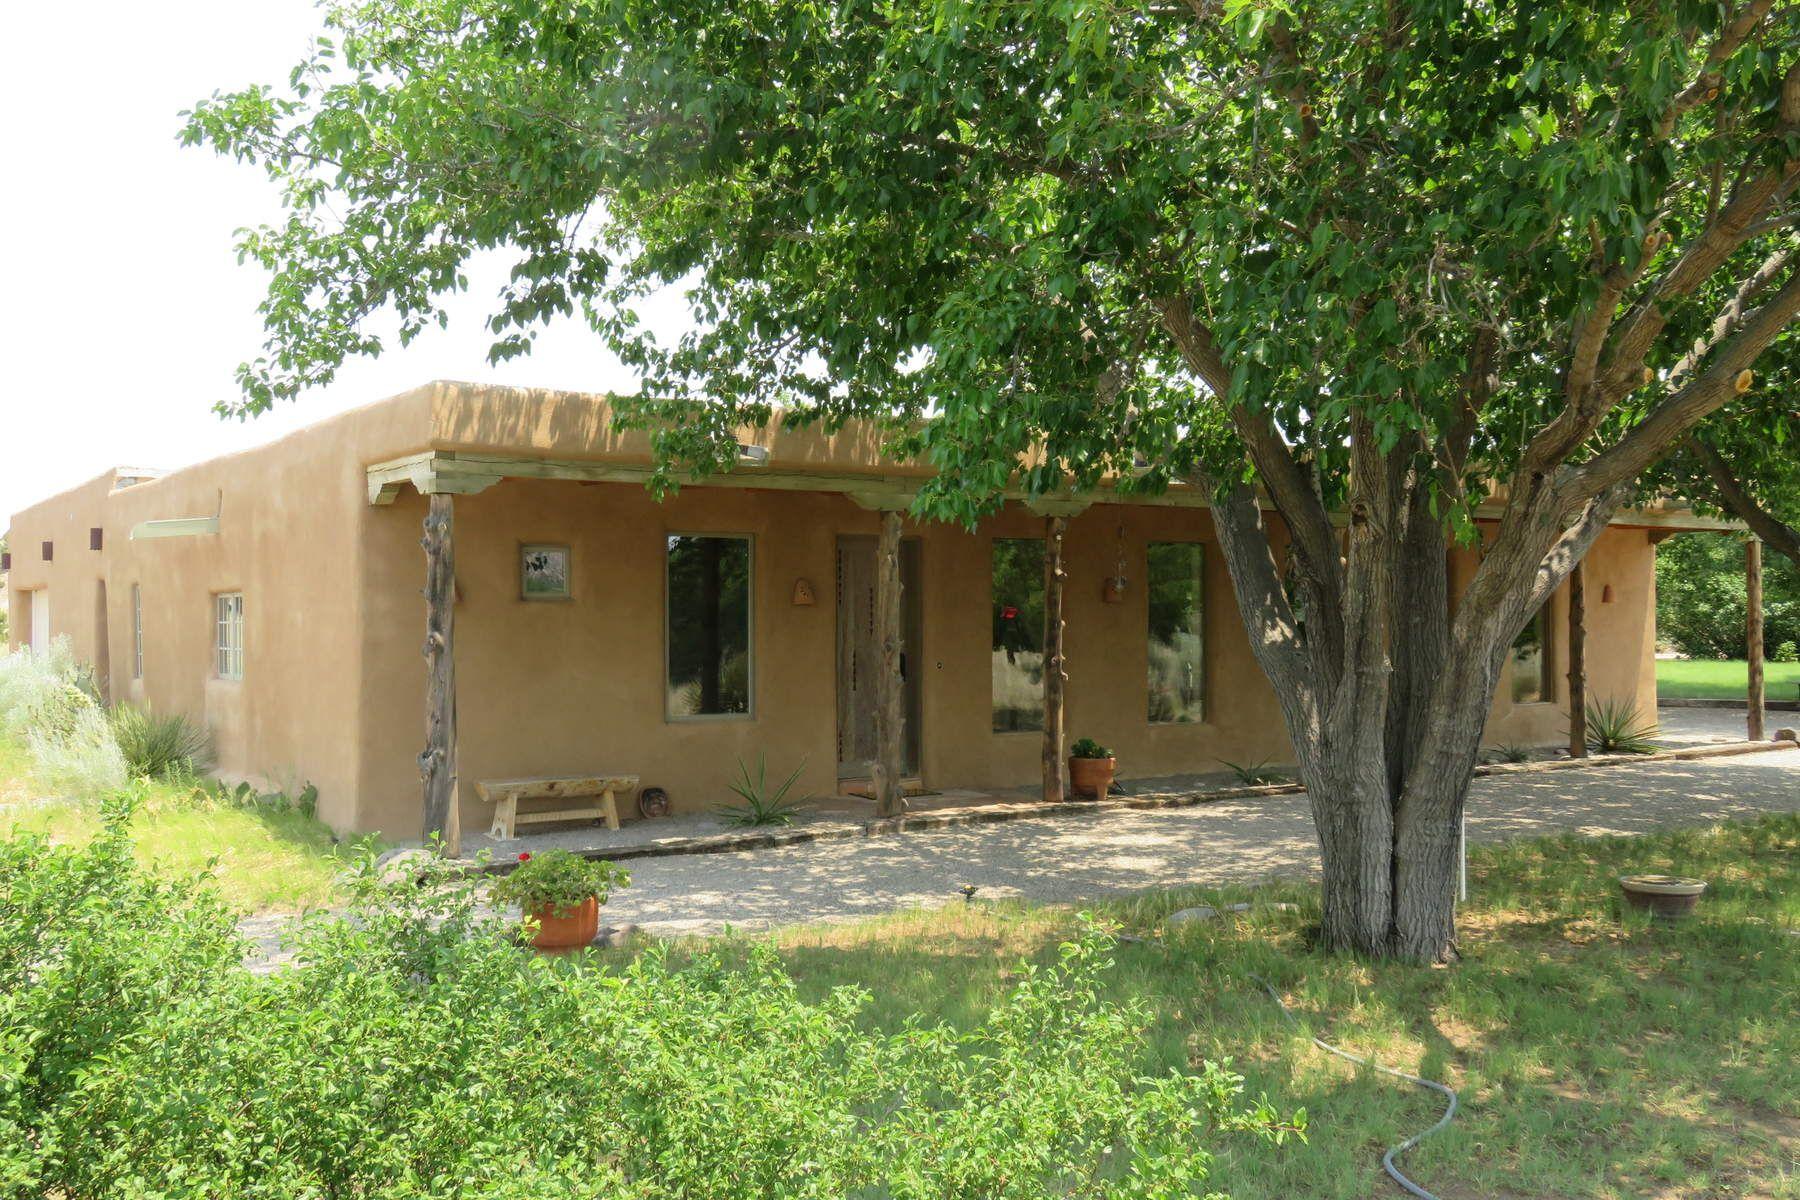 独户住宅 为 销售 在 143 County Road 142 Medanales, 新墨西哥州, 87548 美国